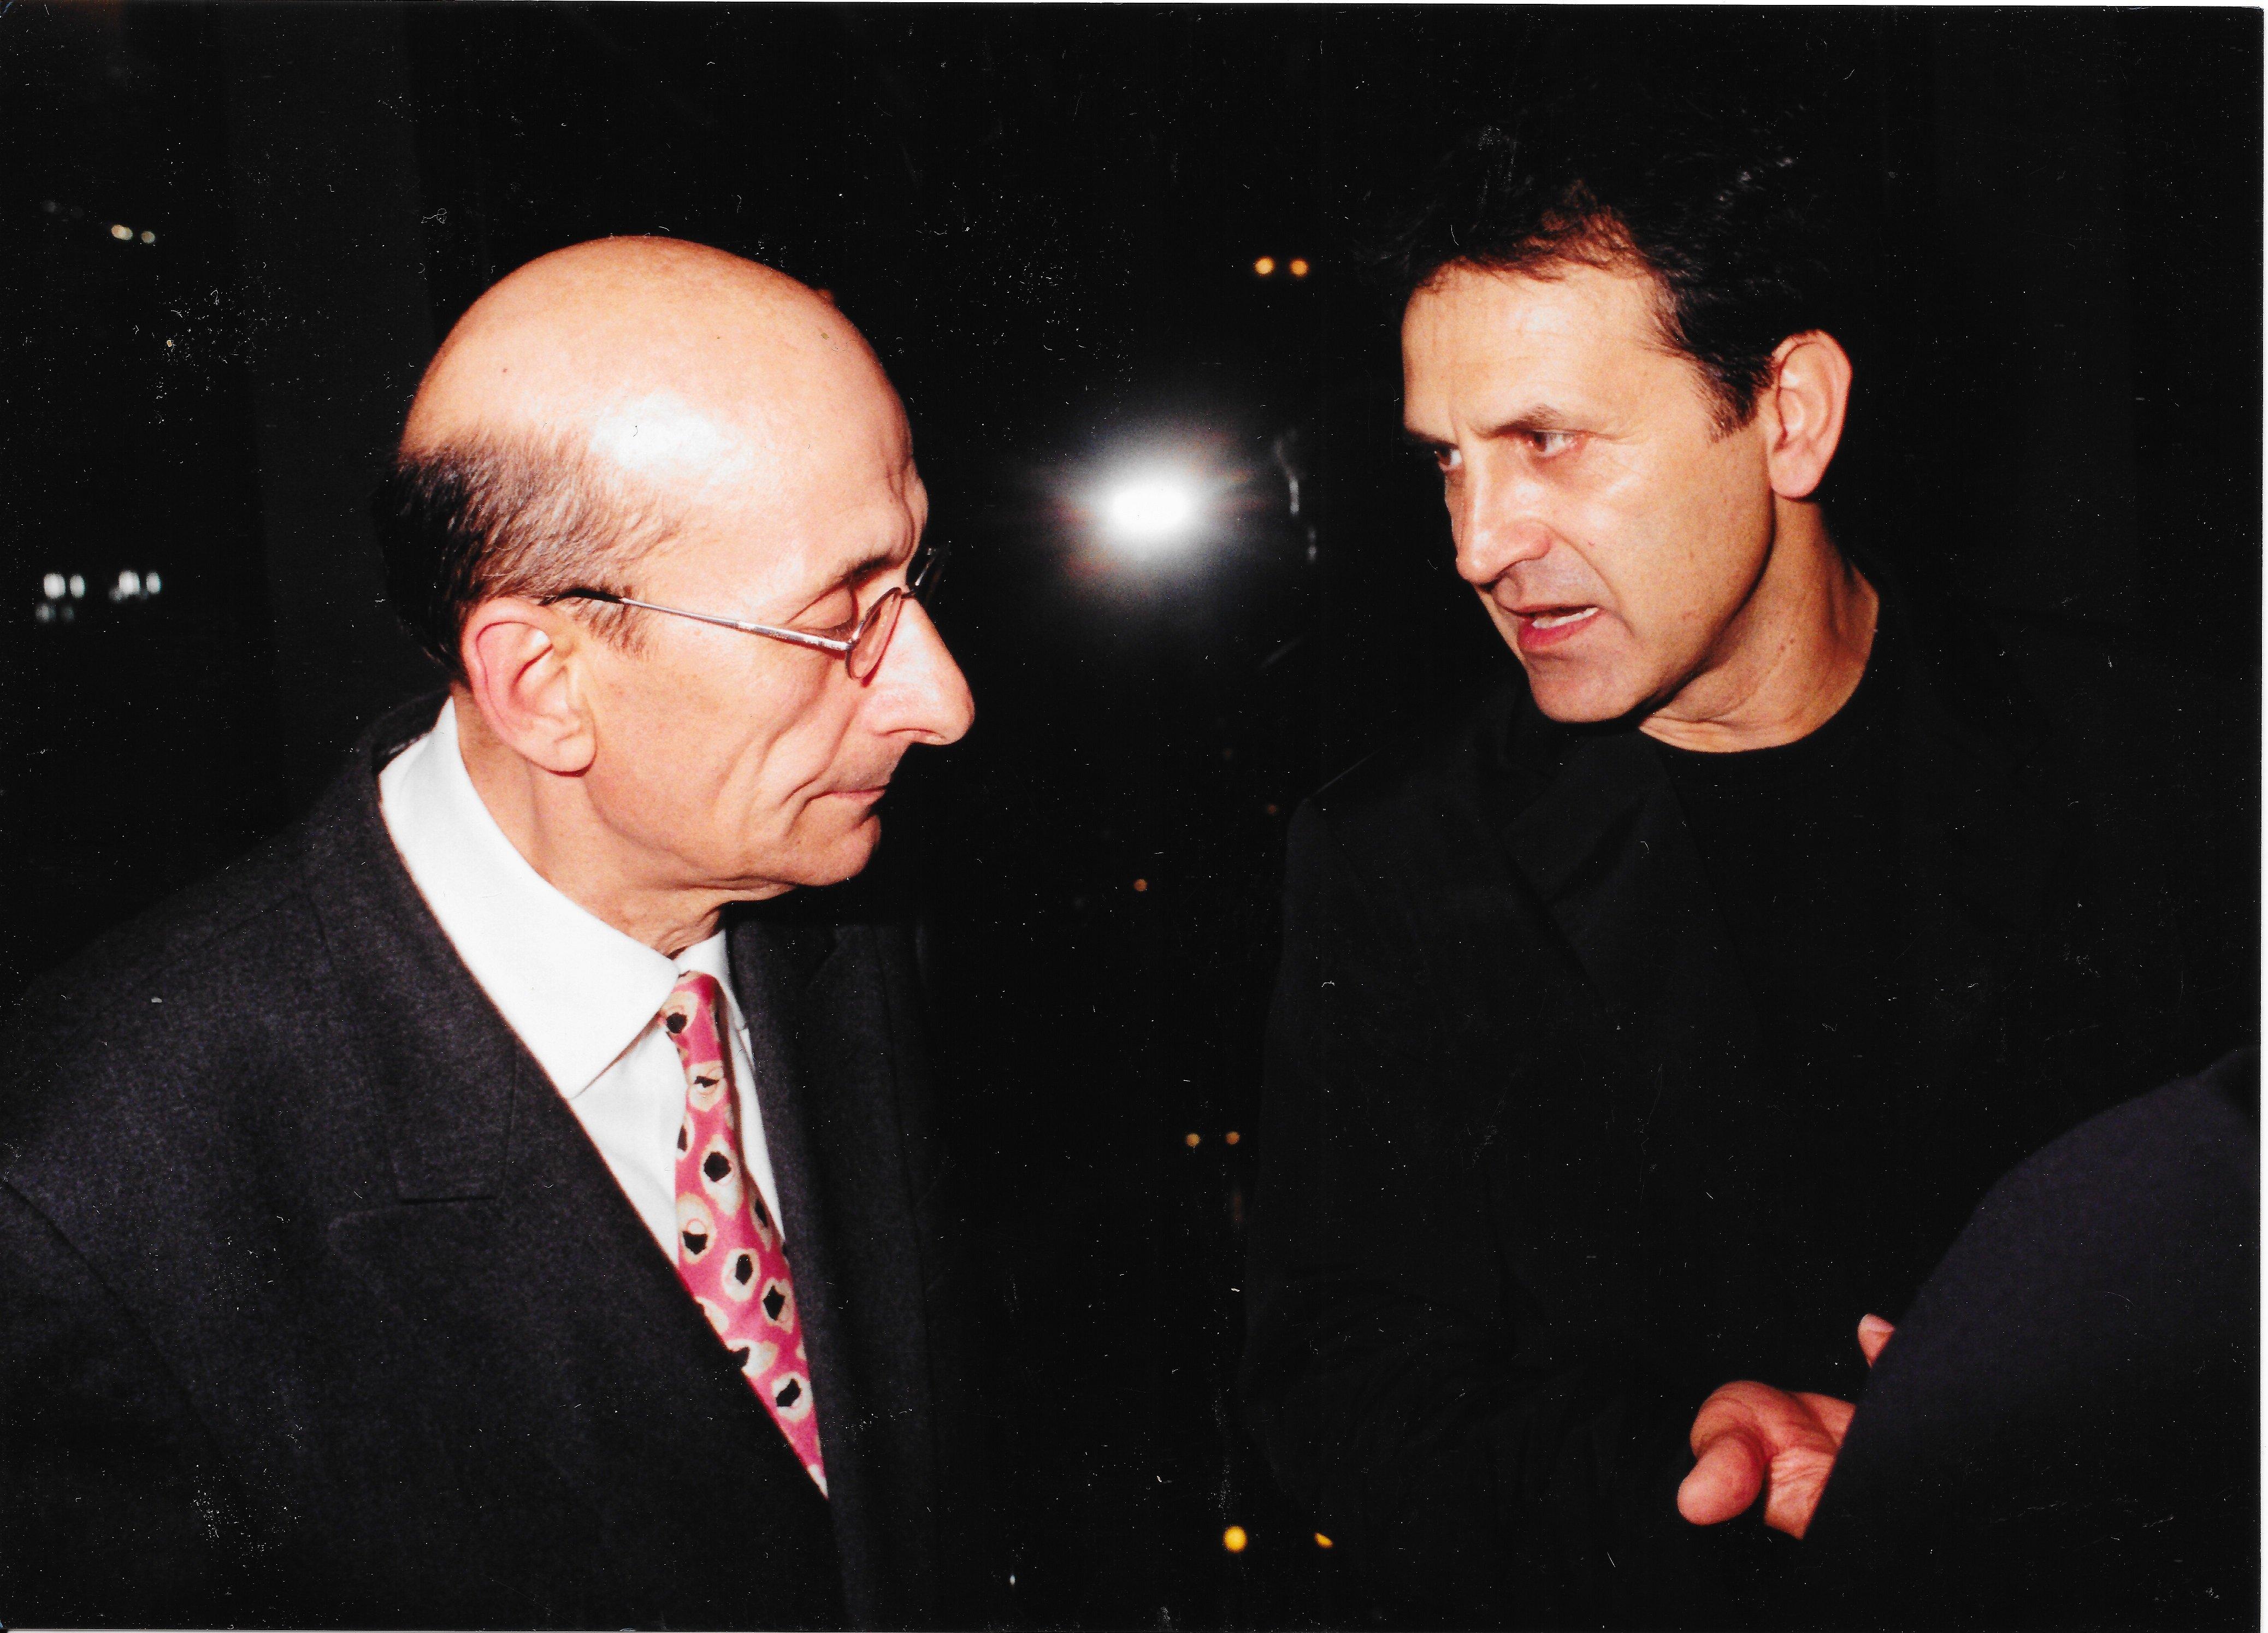 Ο Γιώργος Νταλάρας για τον Μάνο Ελευθερίου στη HuffPost